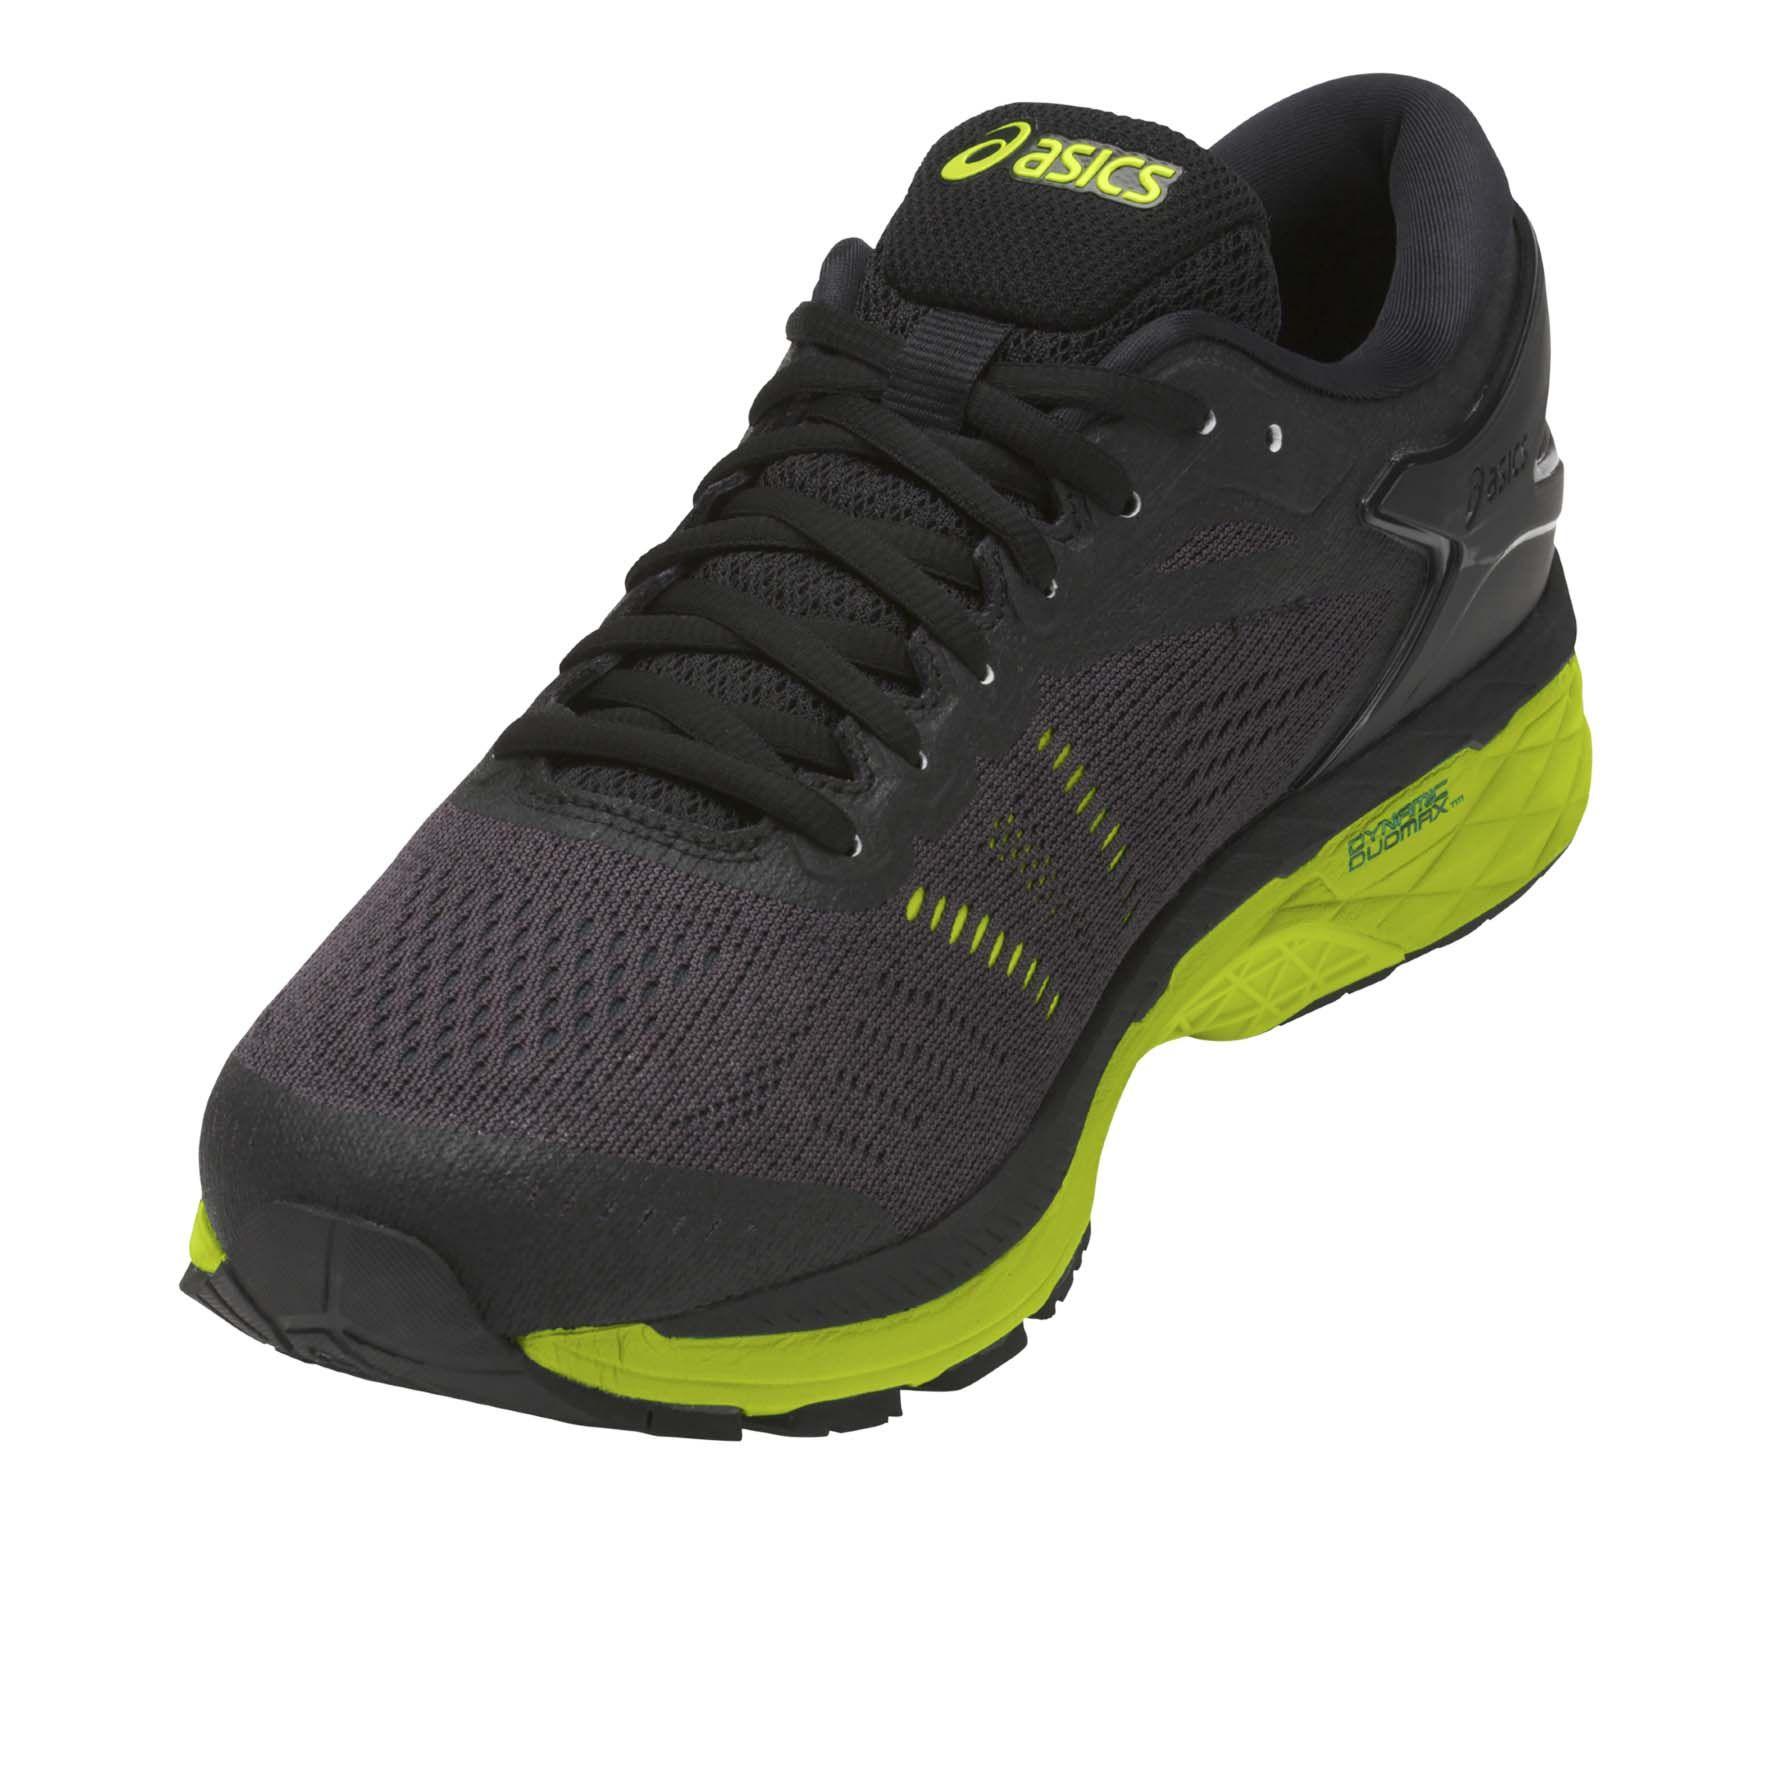 asics gel kayano 24 mens running shoes. Black Bedroom Furniture Sets. Home Design Ideas